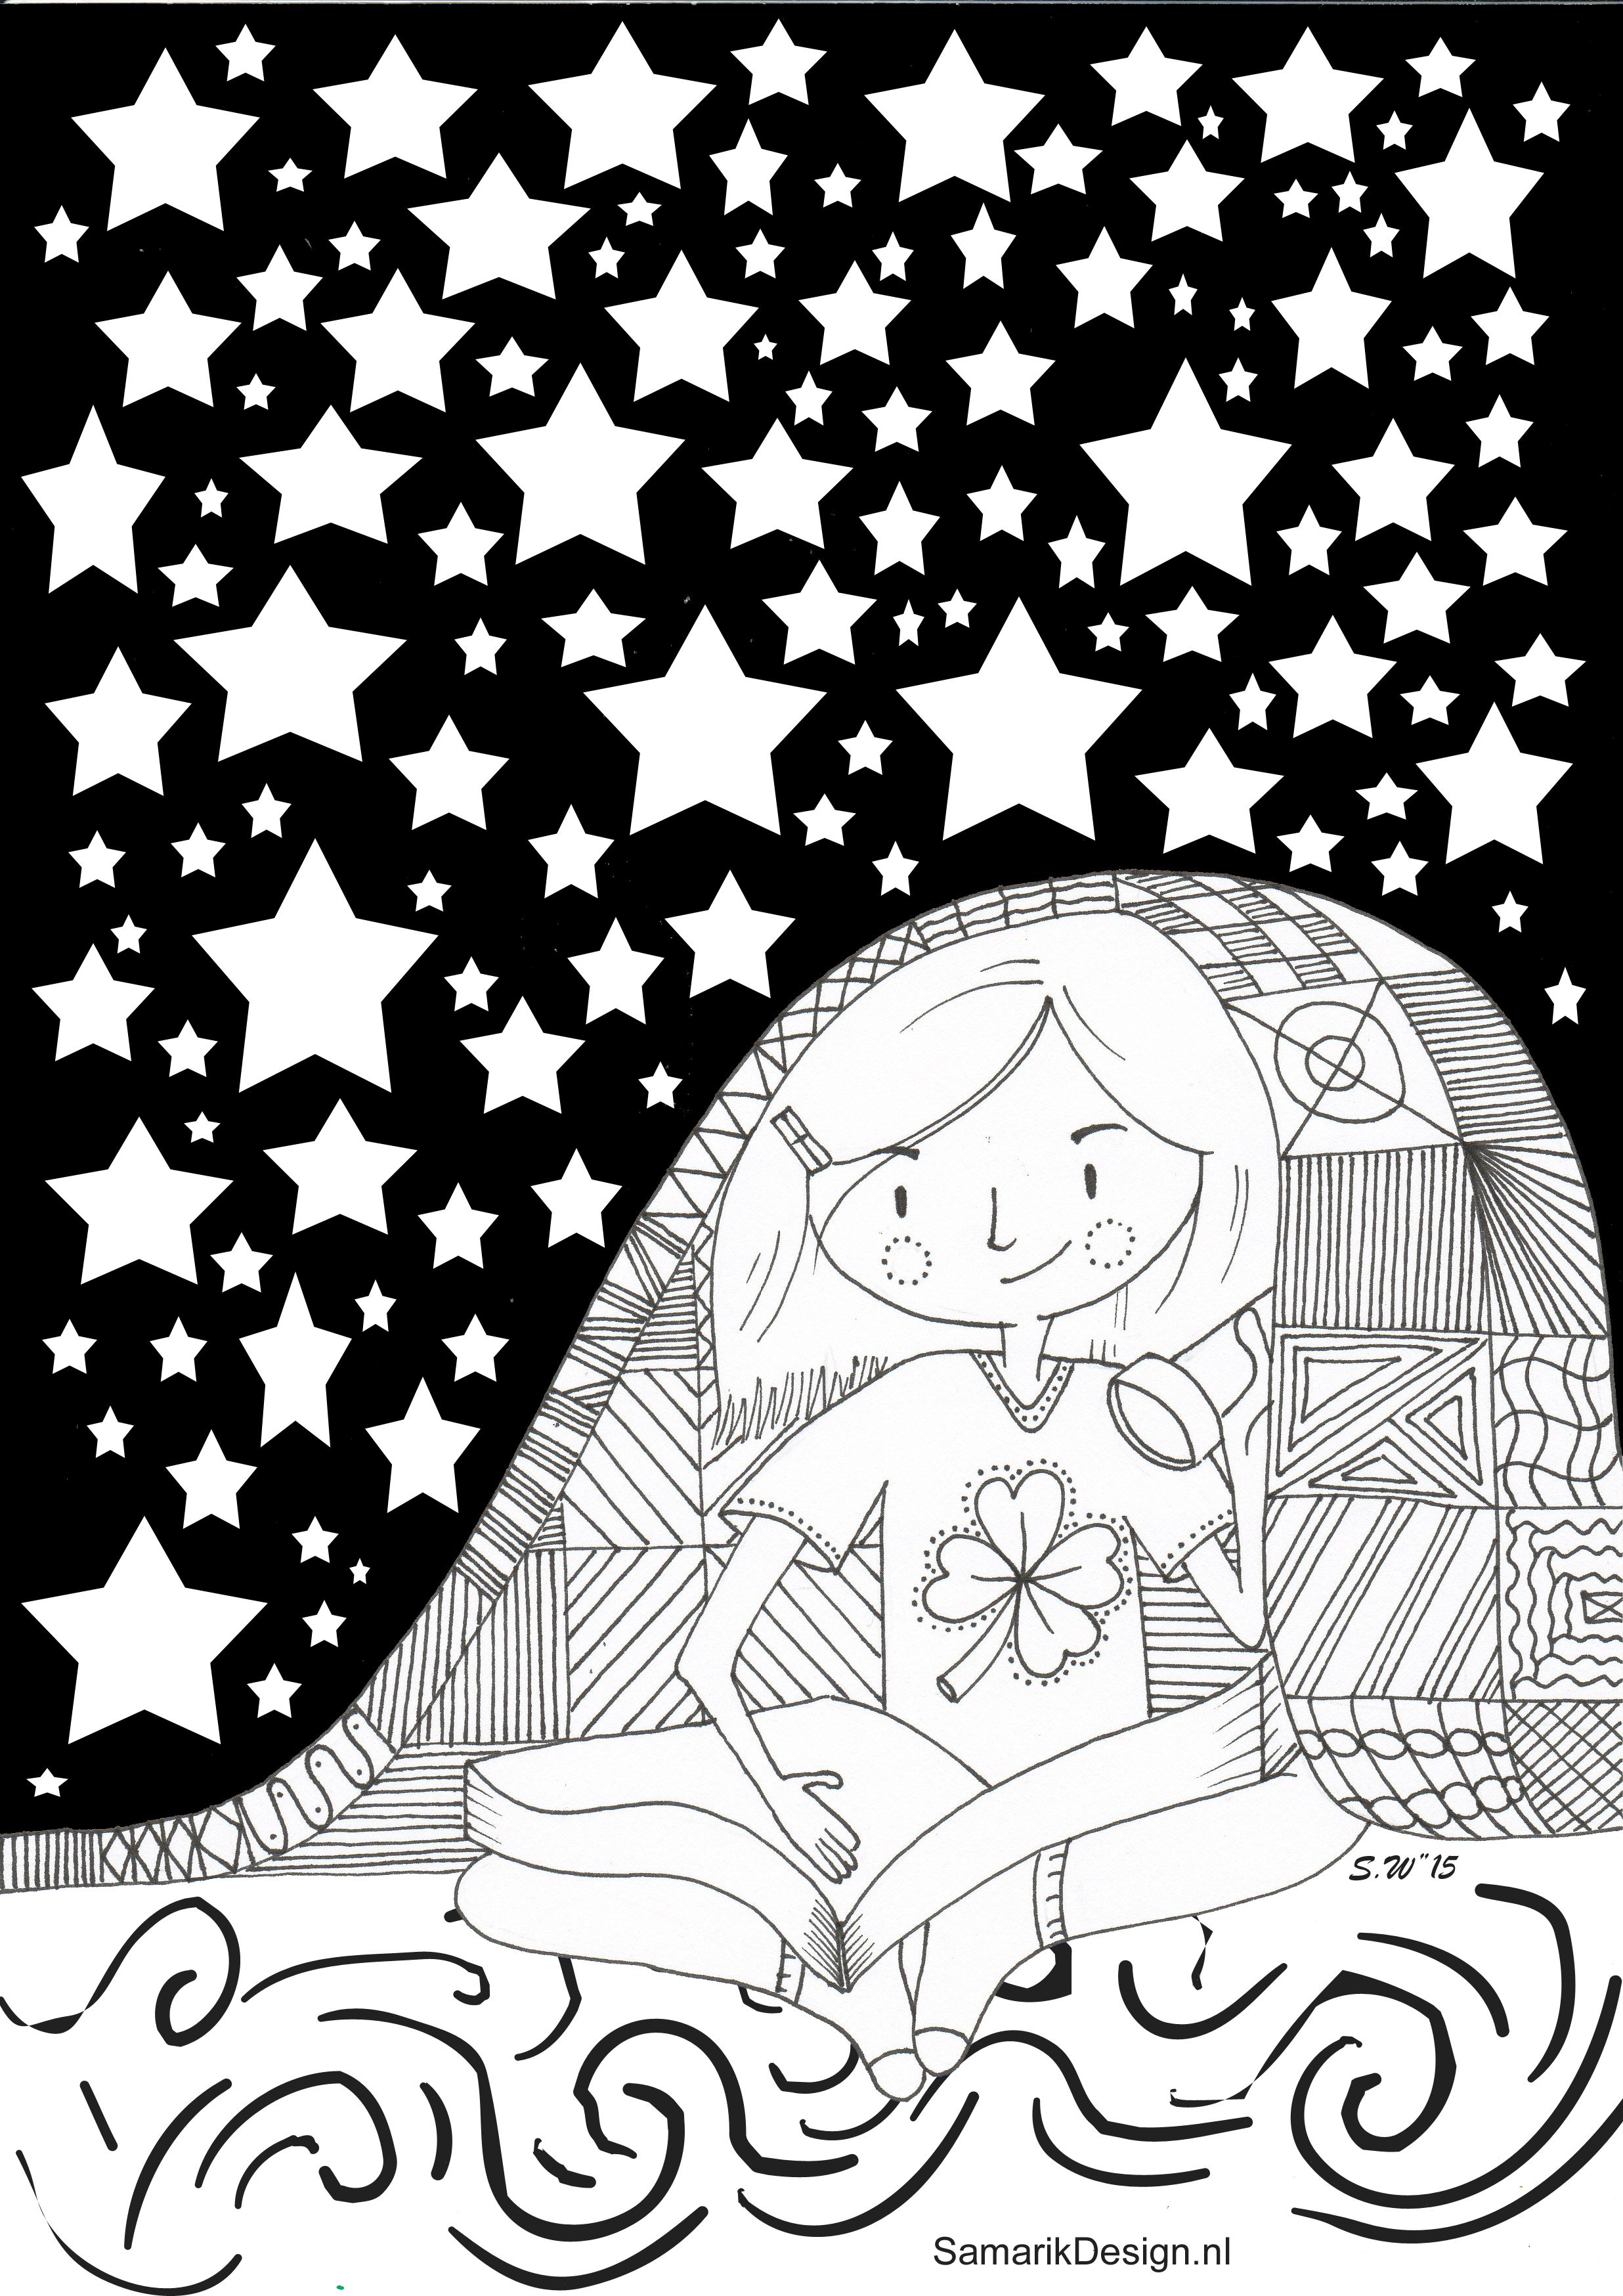 Kleurplaat Voor Volwassenen Bedtime Kleurplaten Voor Volwassenen